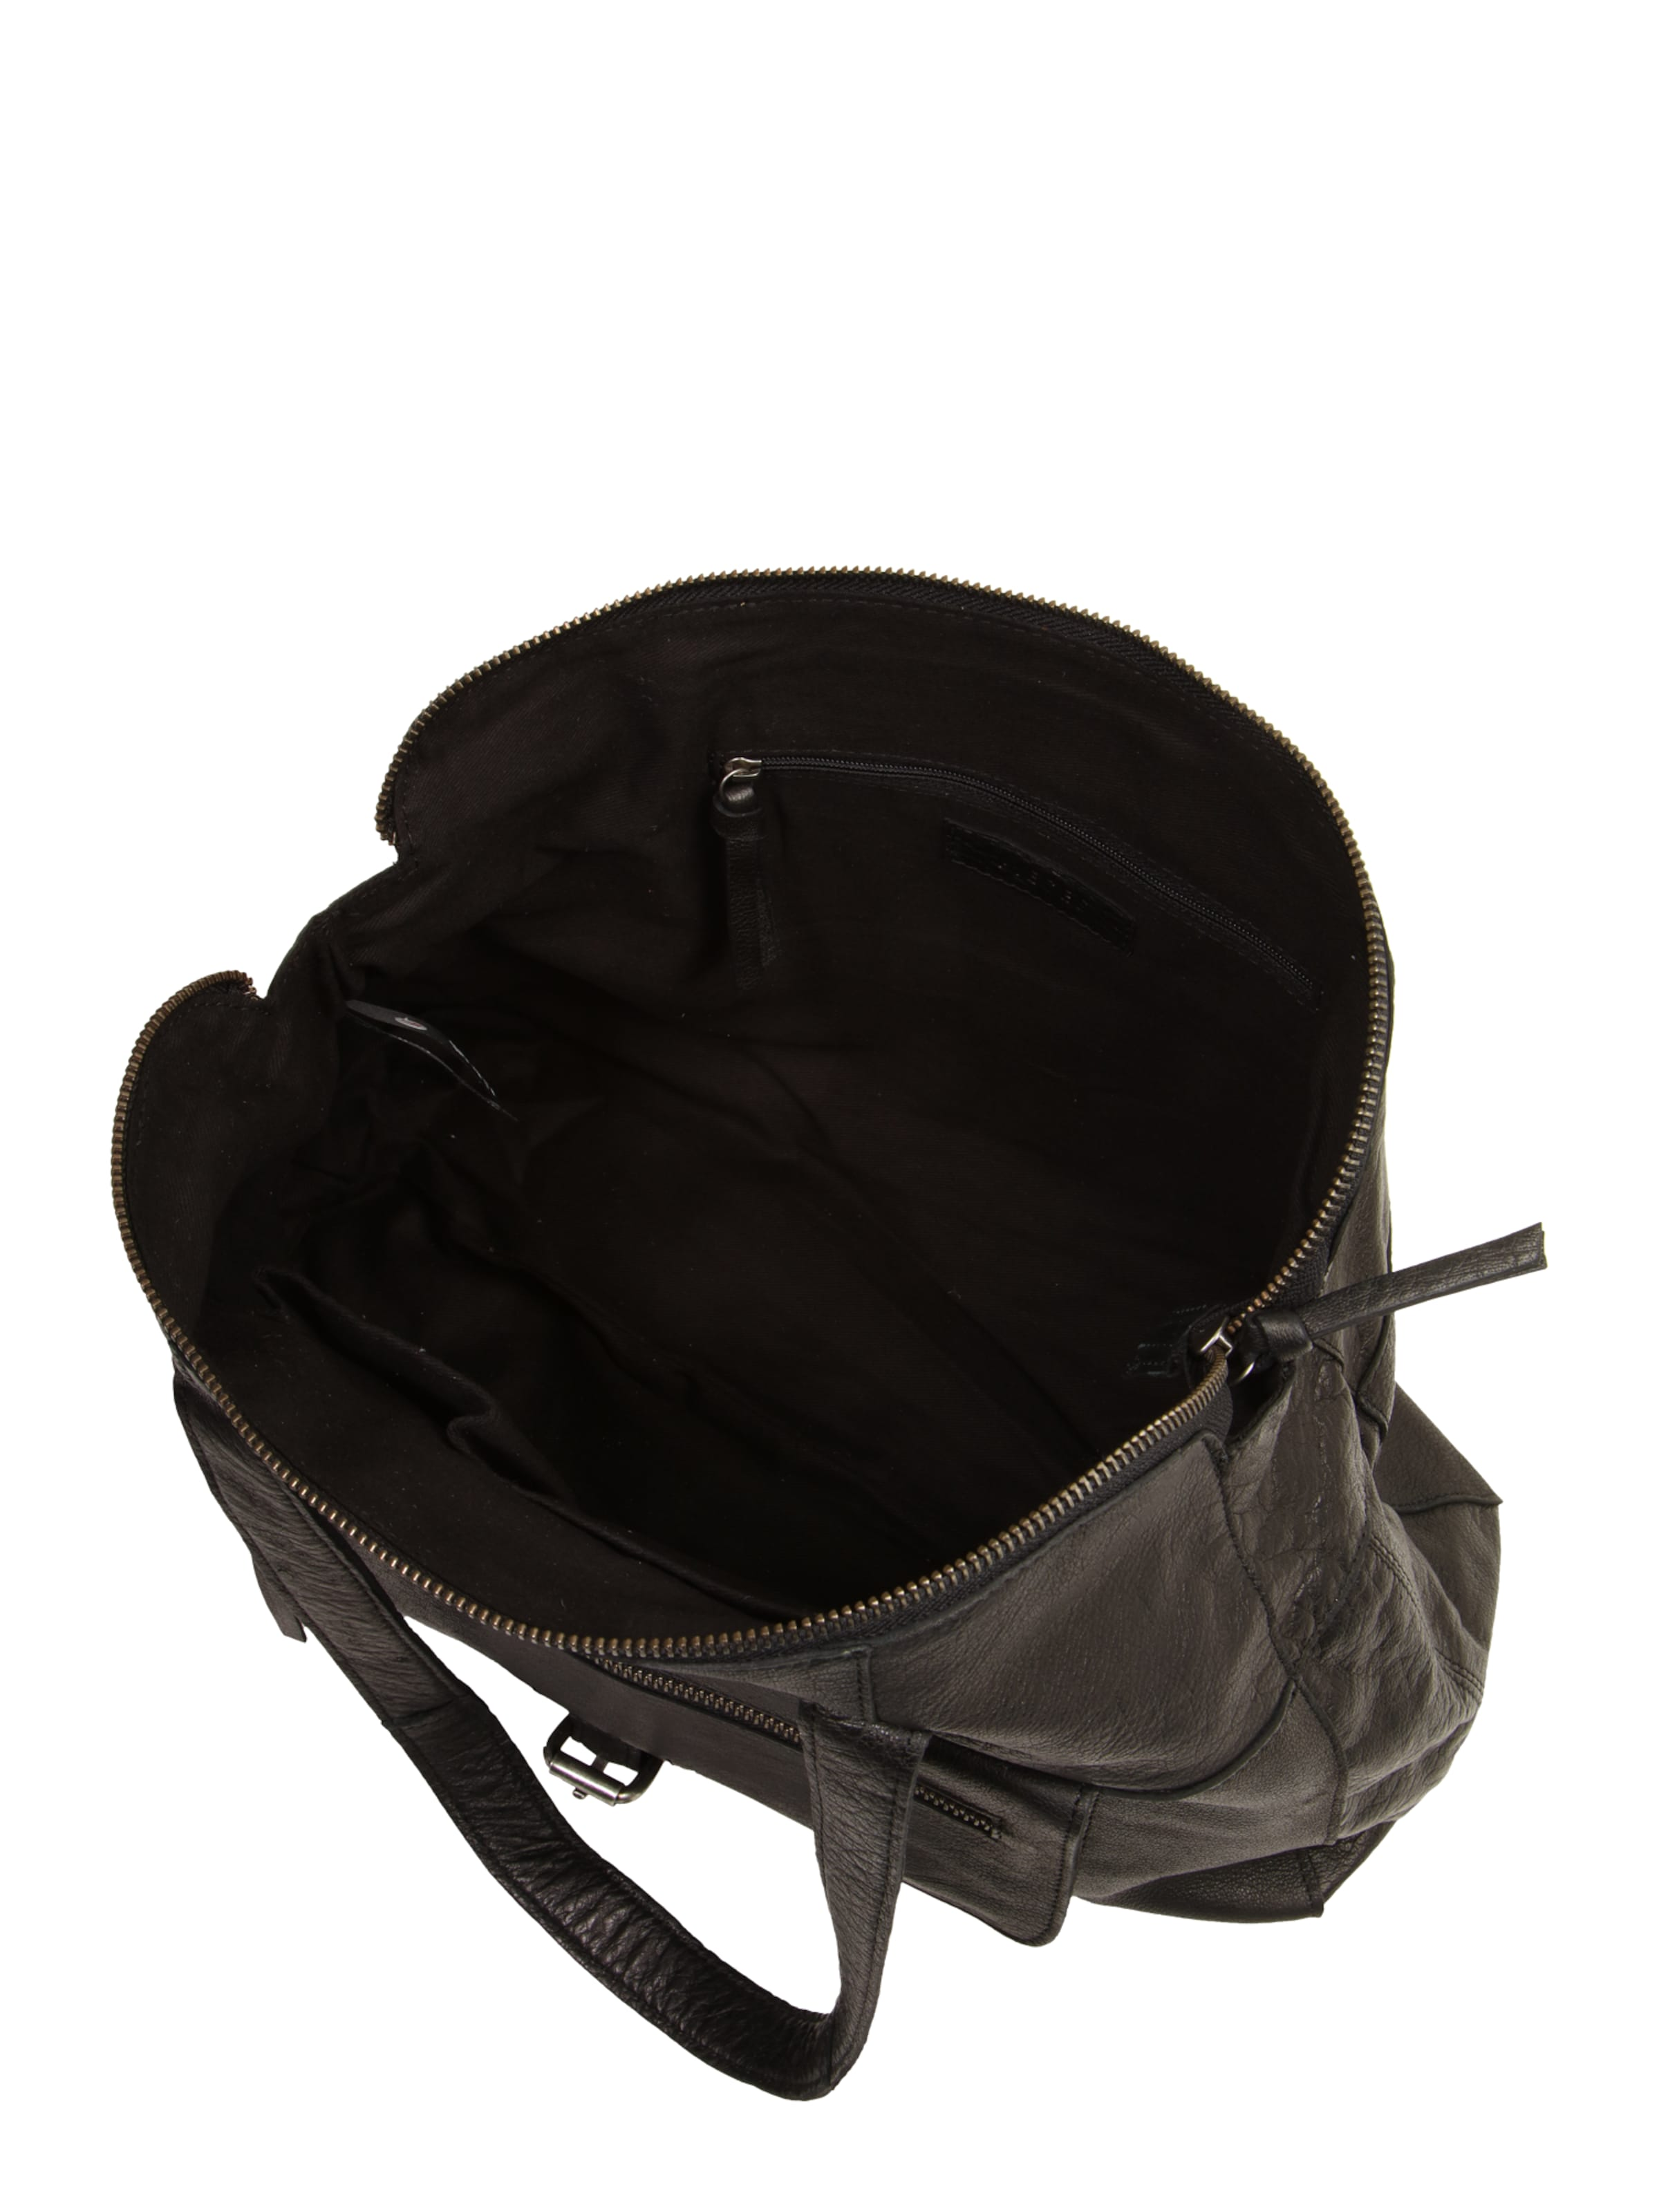 PIECES Handtasche 'NOOS' Billig Verkauf Visum Zahlung Verkauf Wählen Eine Beste Verkauf Erstaunlicher Preis bAX1Ct